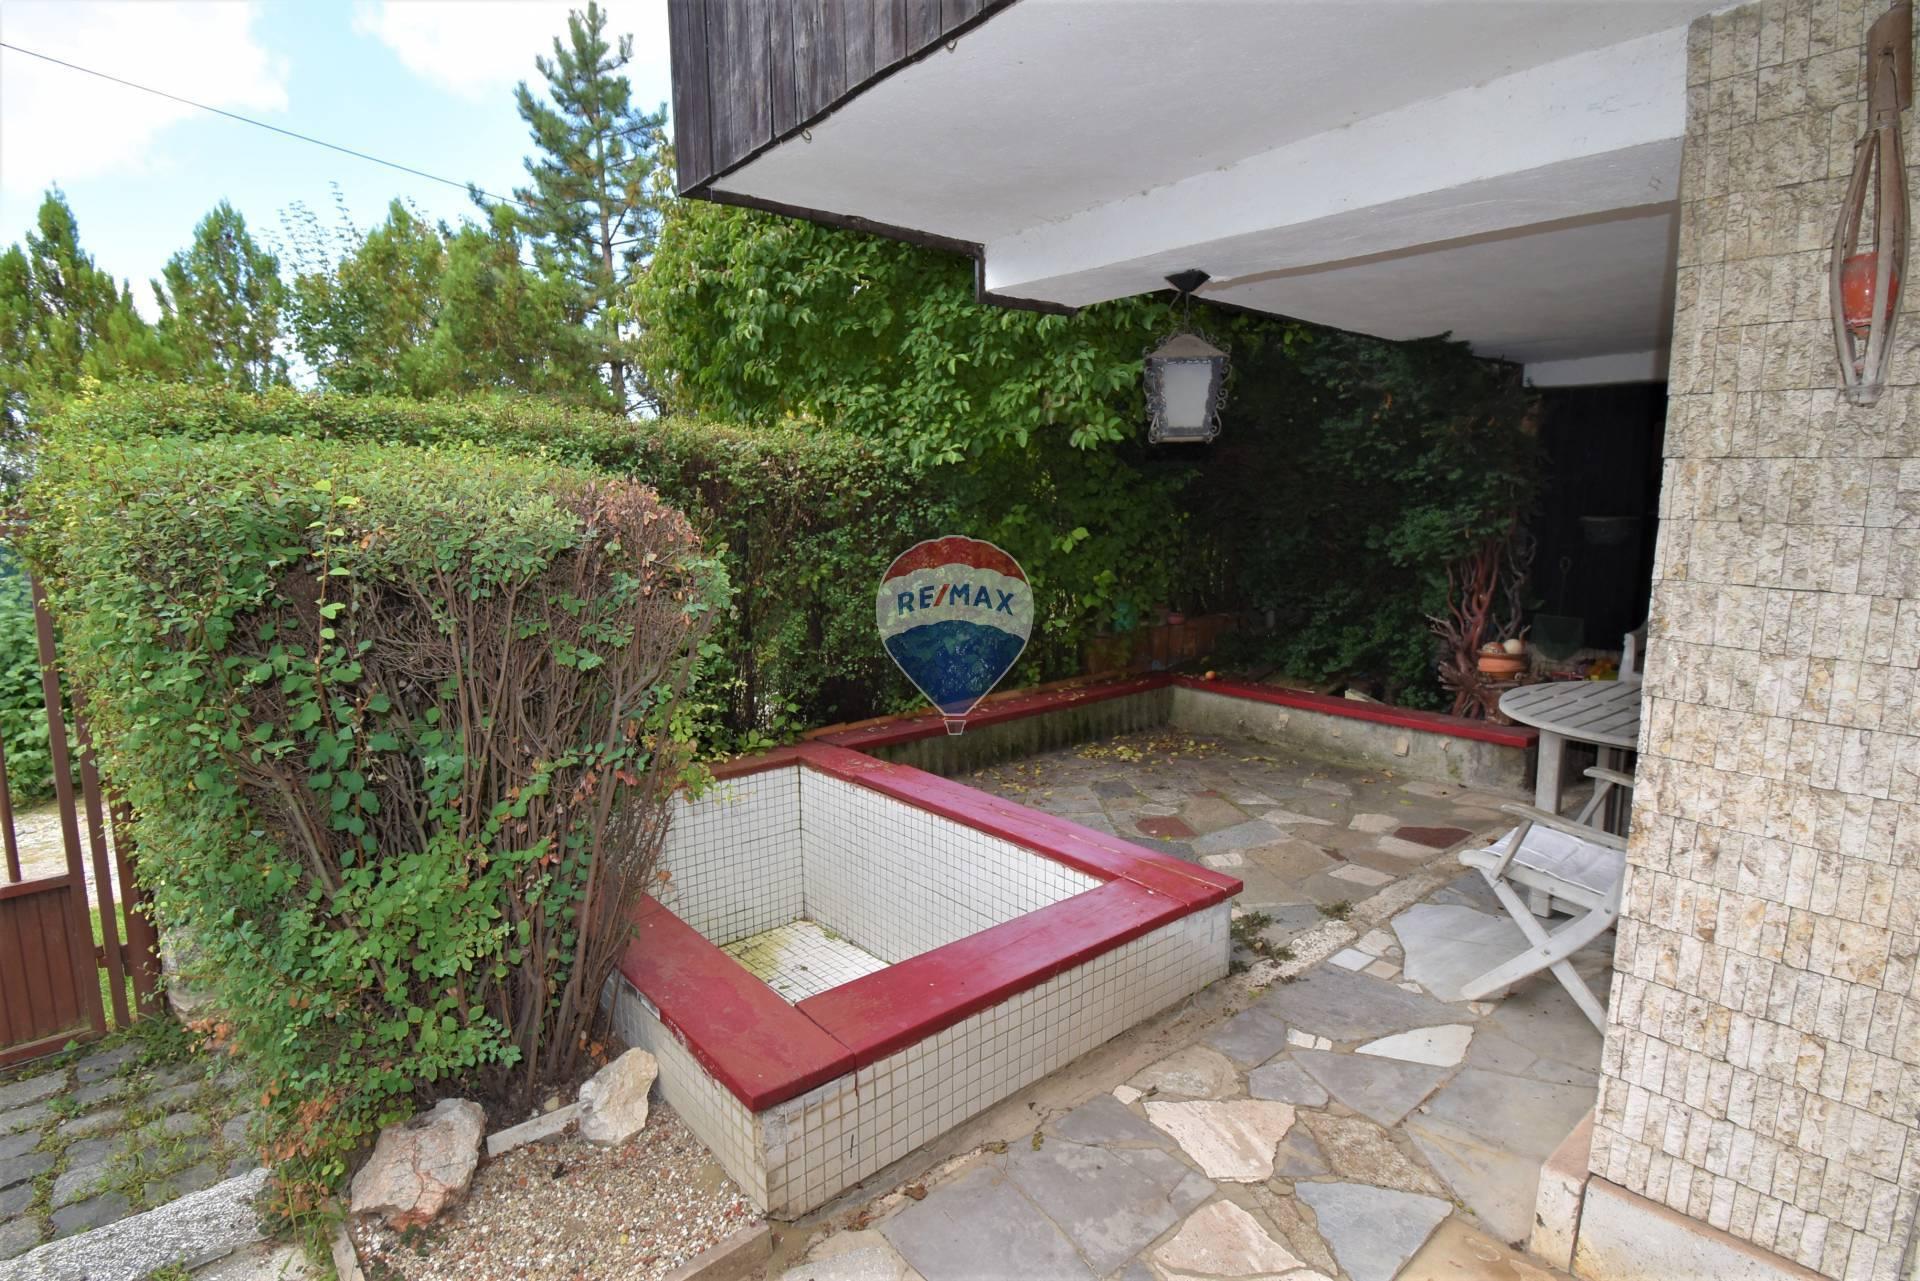 Predaj pozemku 292 m2, Košice - Vyšné Opátske - Chata so záhradkou